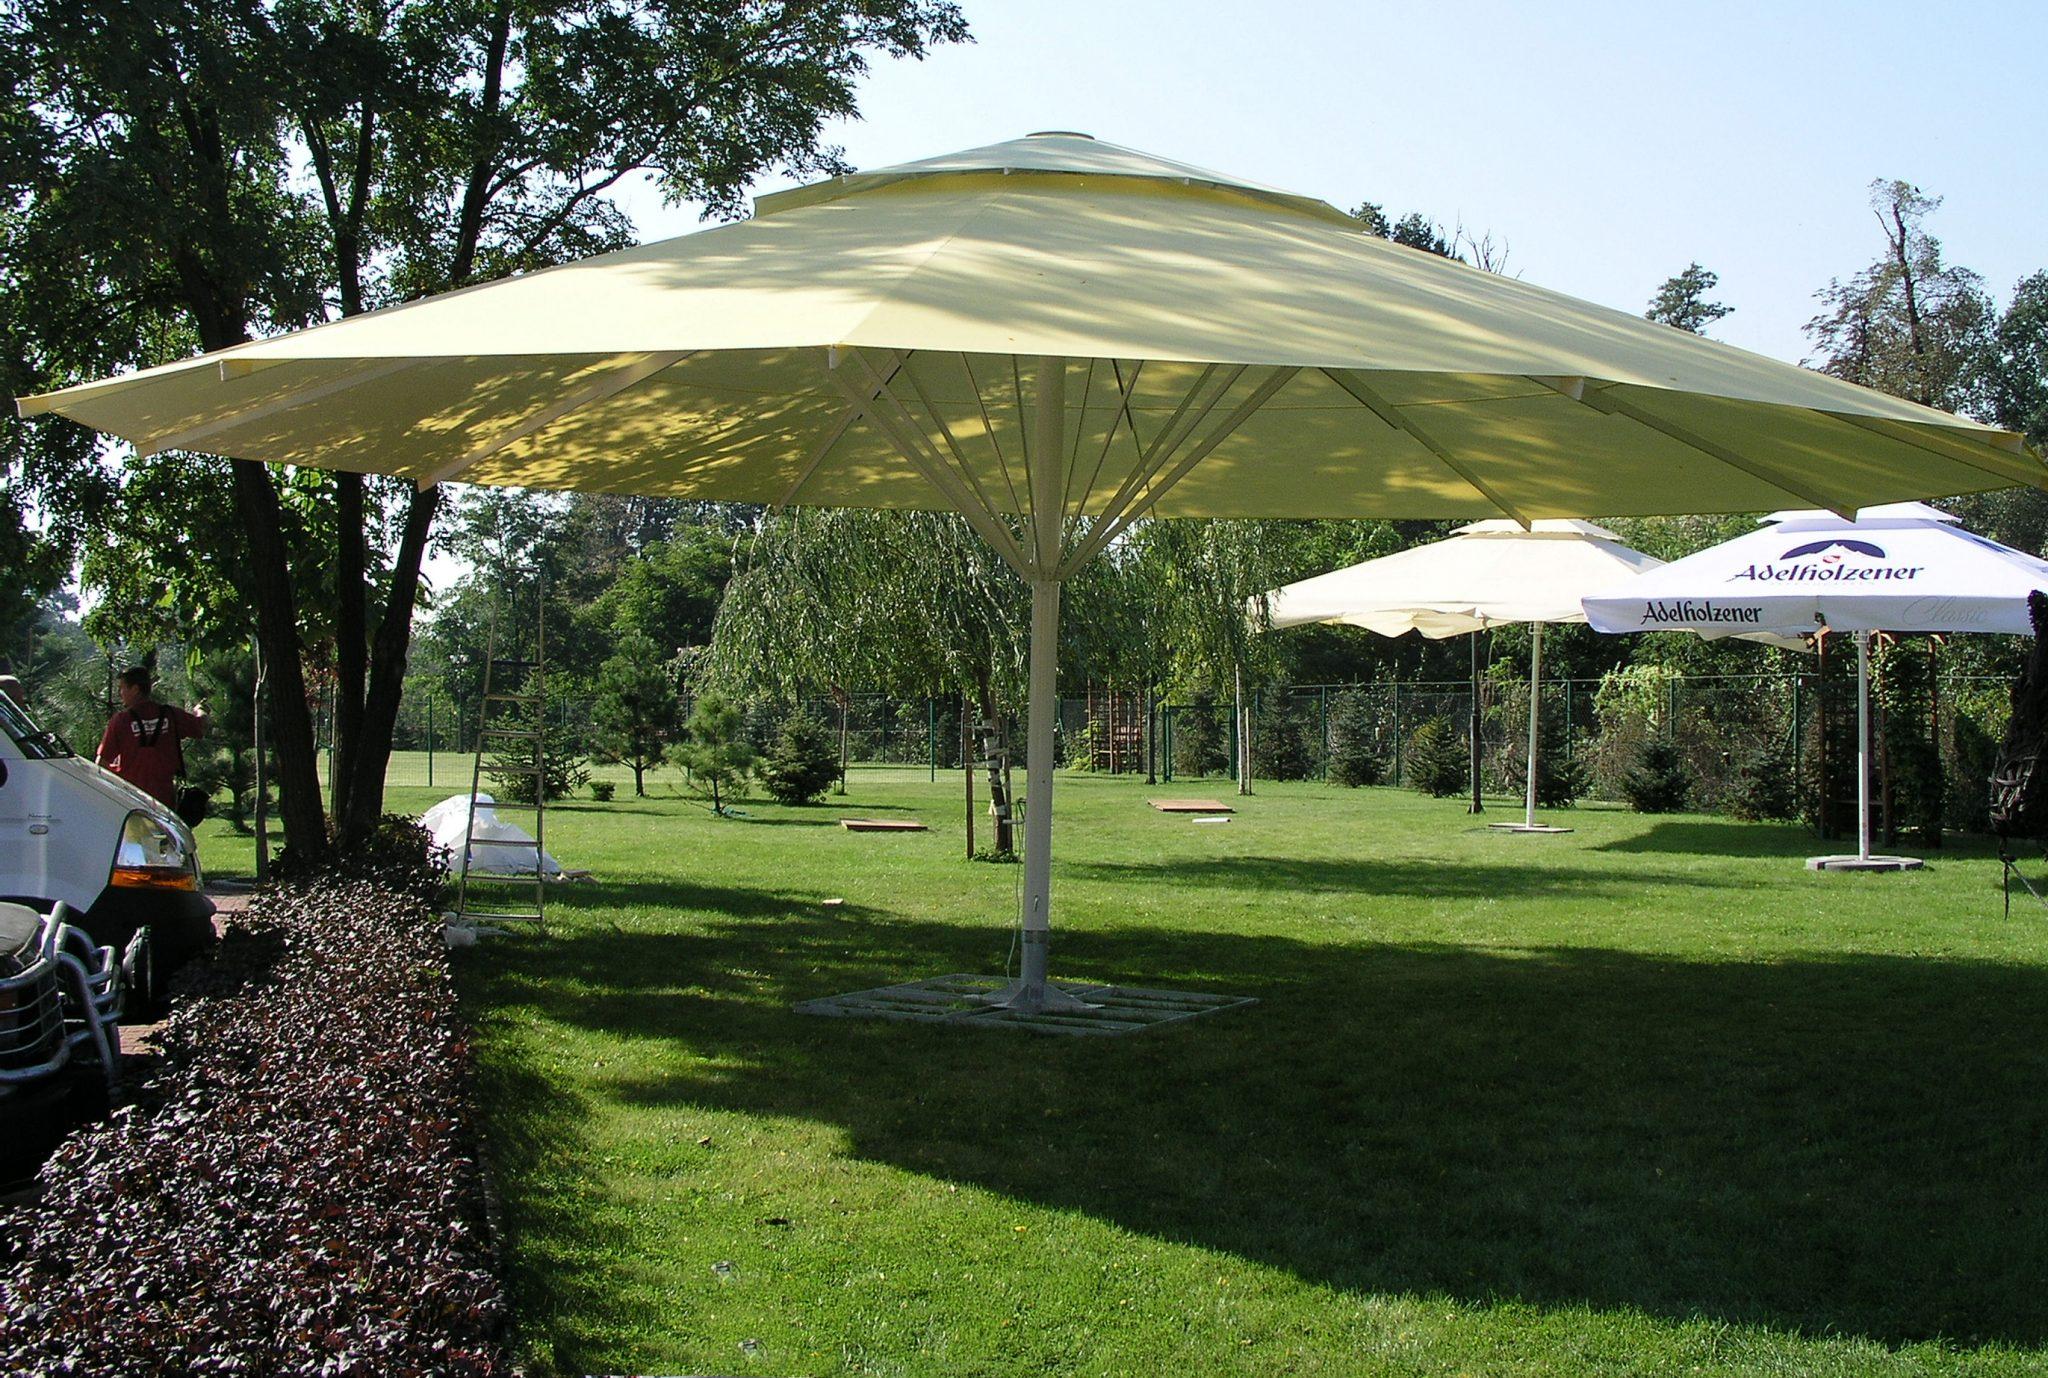 outdoor furniture outdoor patio umbrella parasol umbrellas large quotes